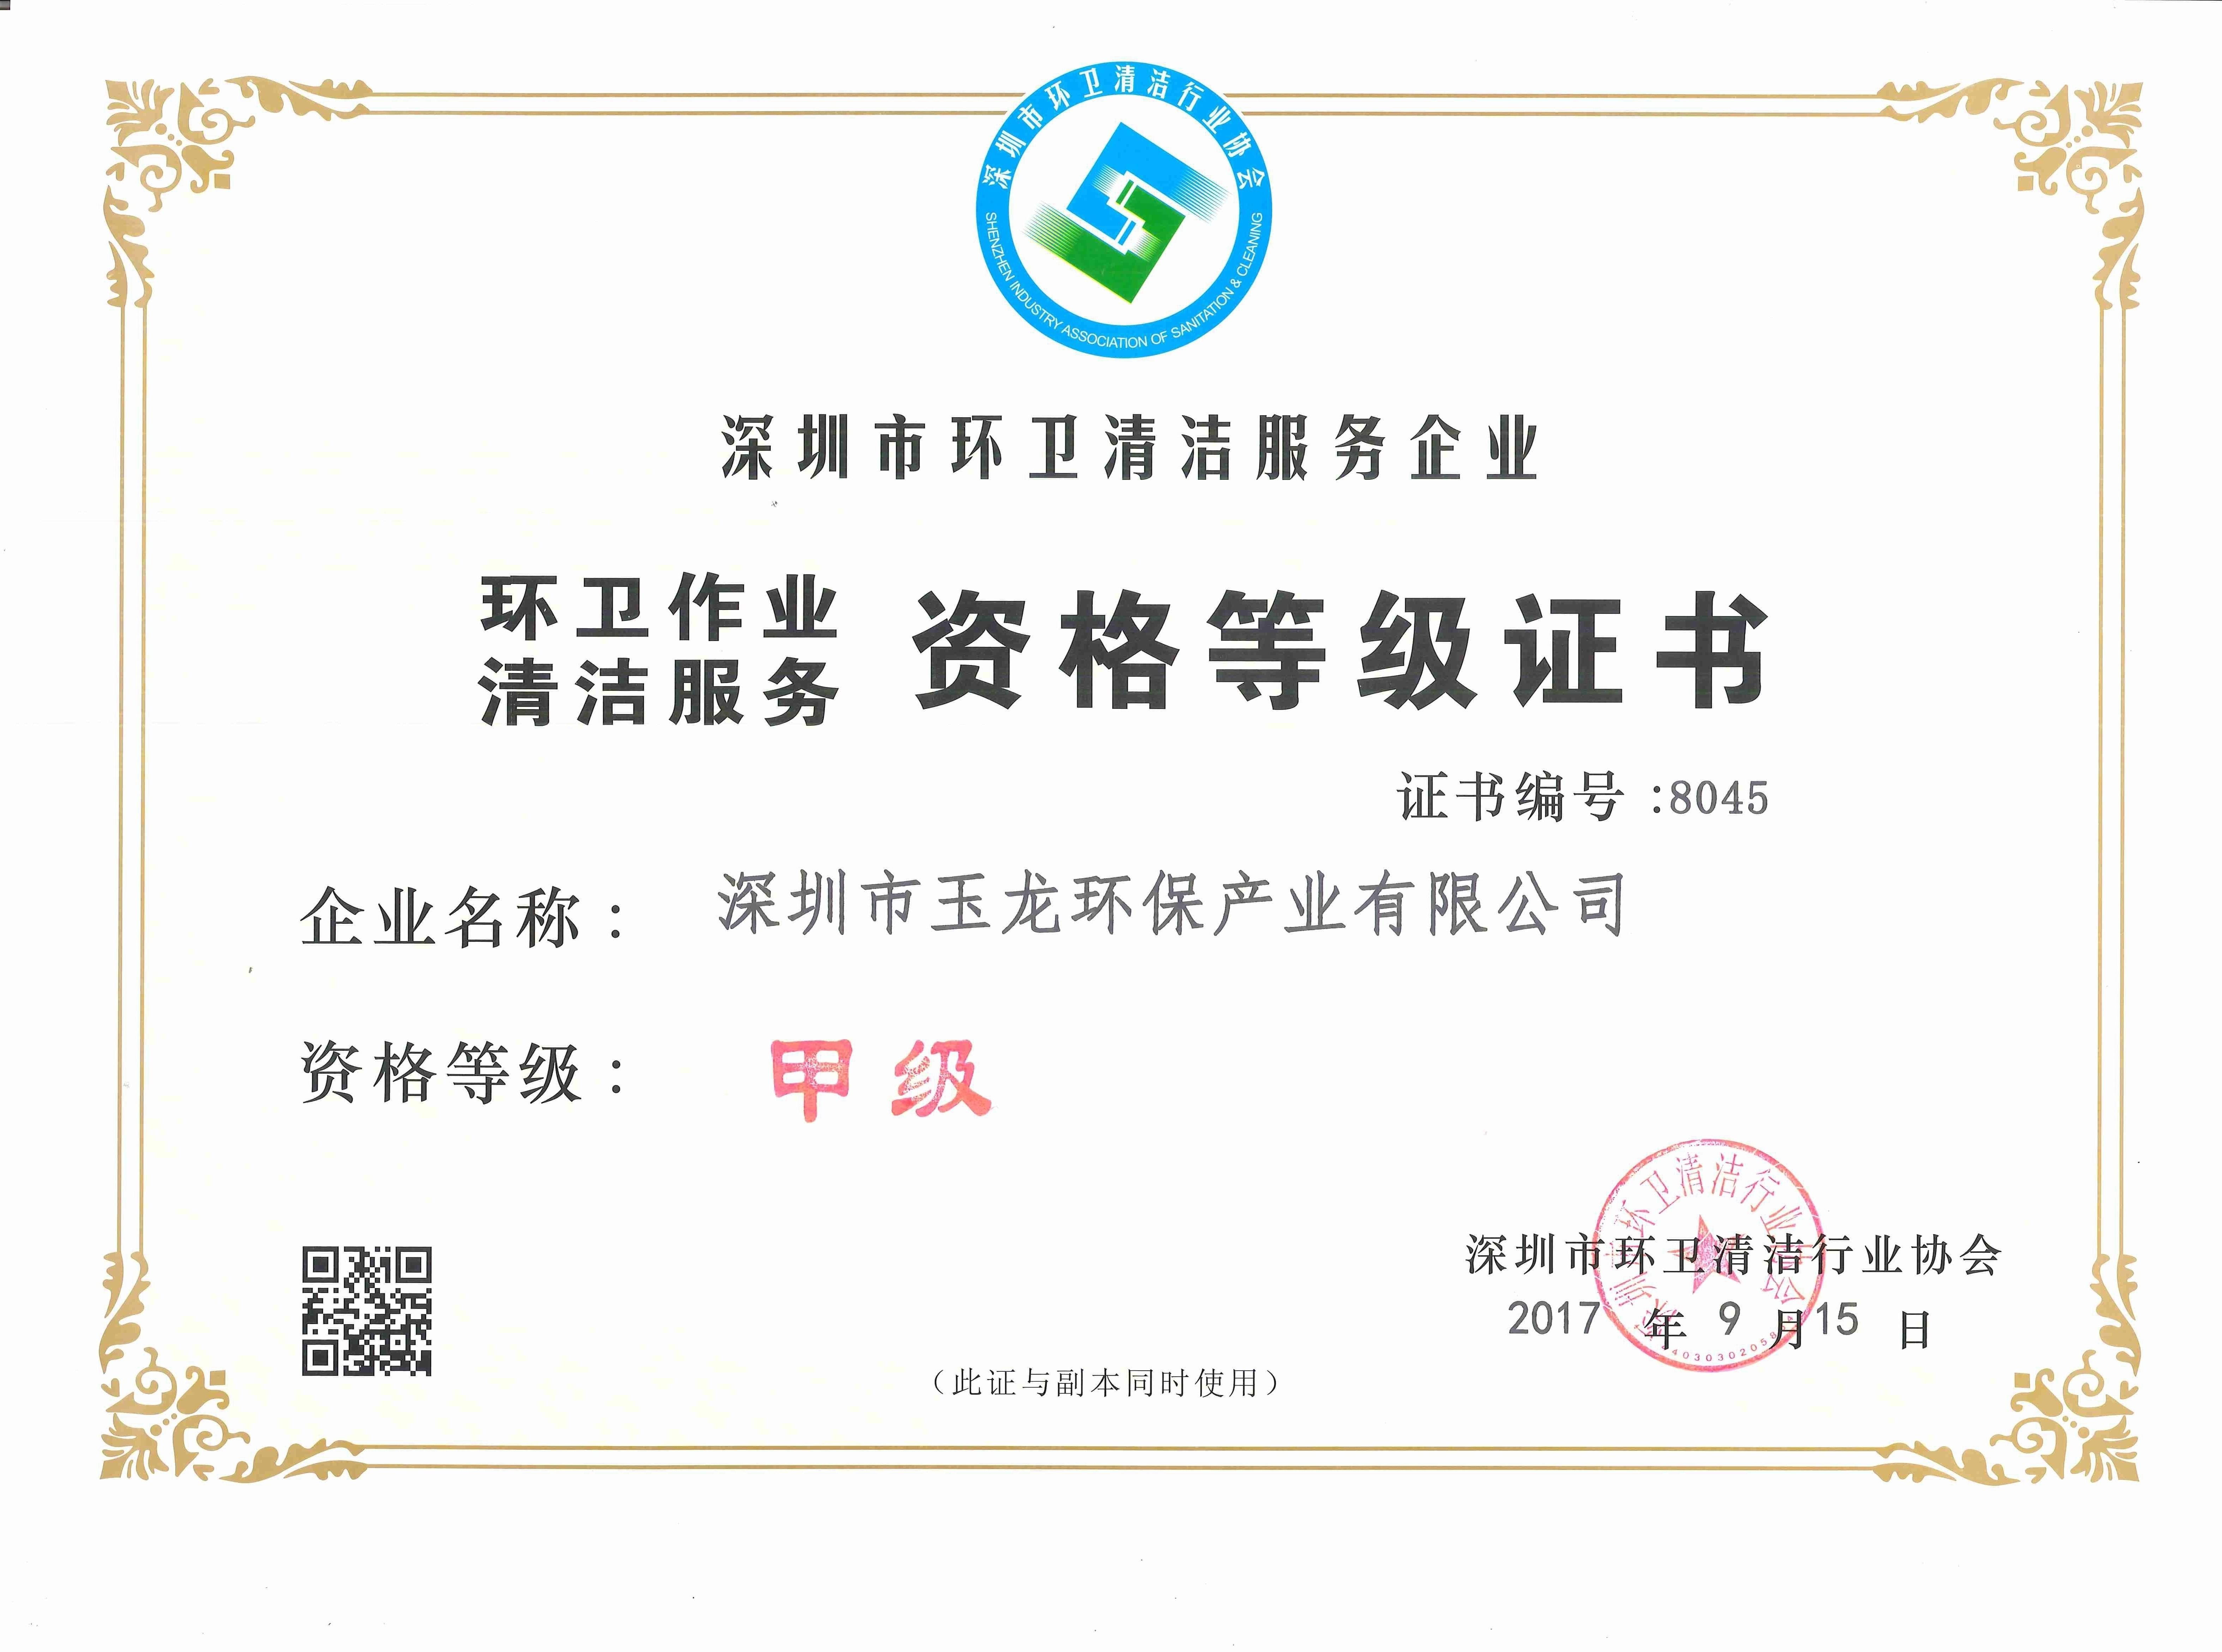 7深圳市环卫清洁甲级资质正本